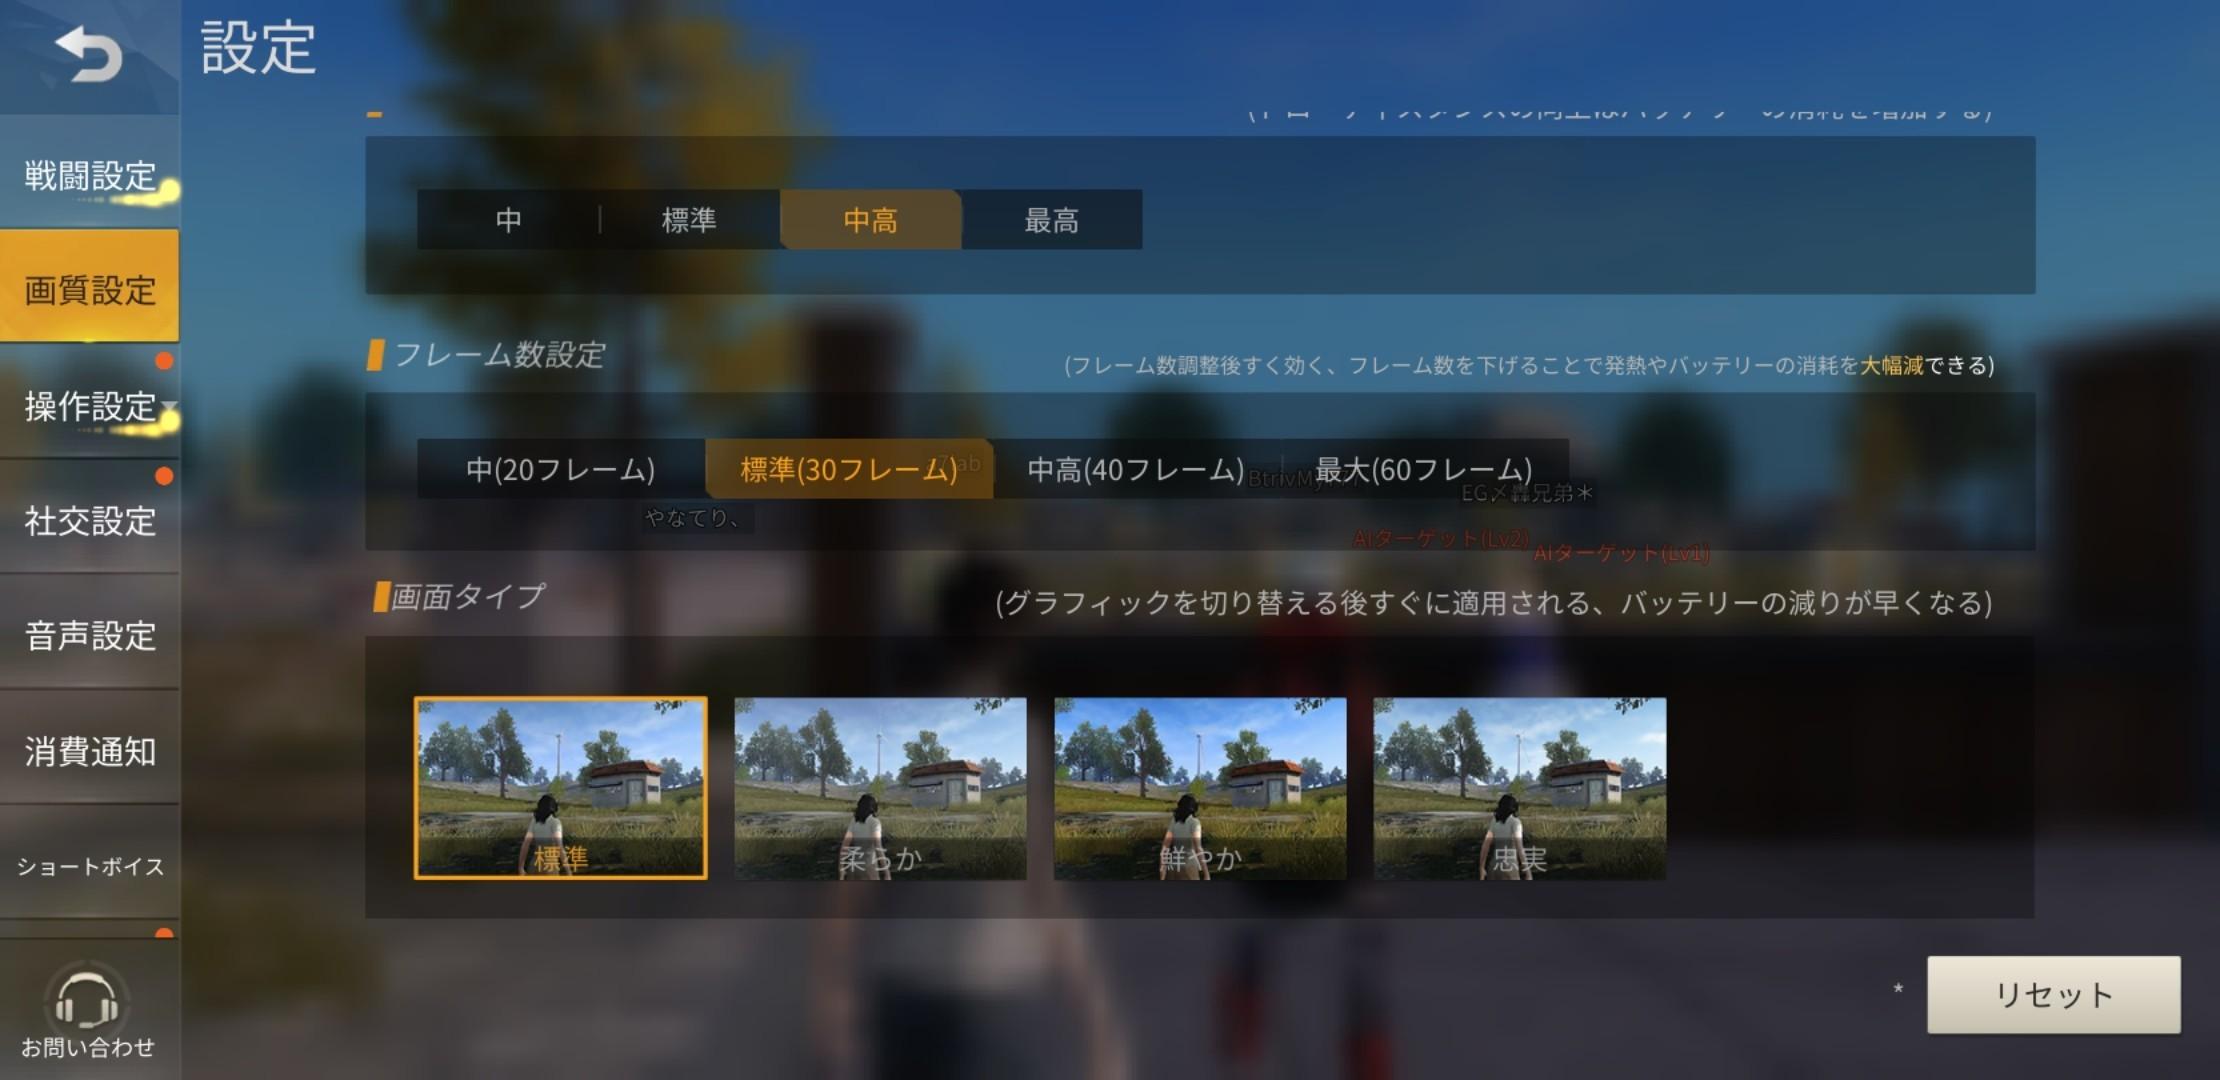 f:id:Azusa_Hirano:20200722195007j:plain